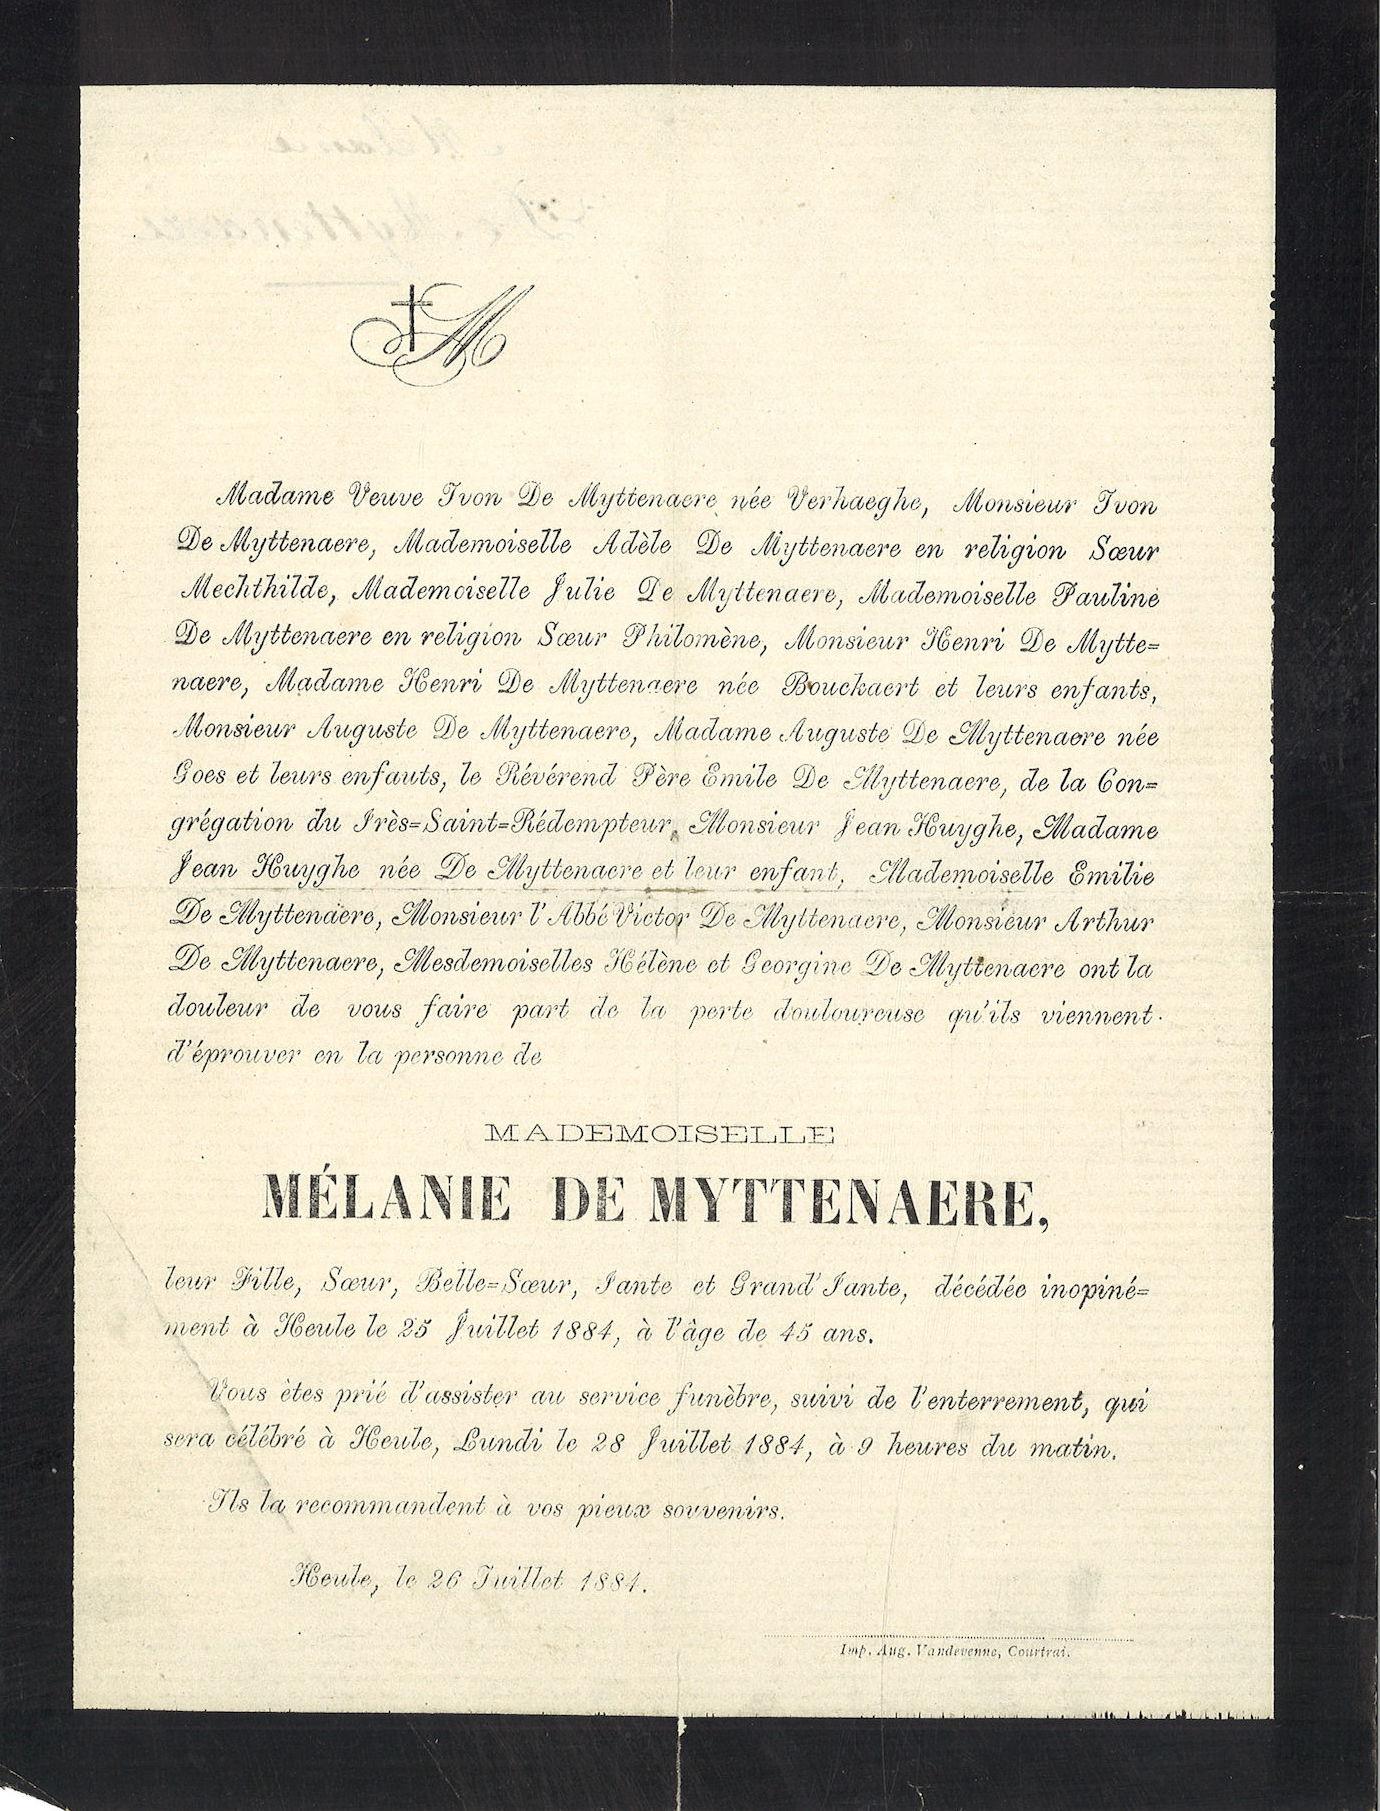 Mélanie De Myttenaere